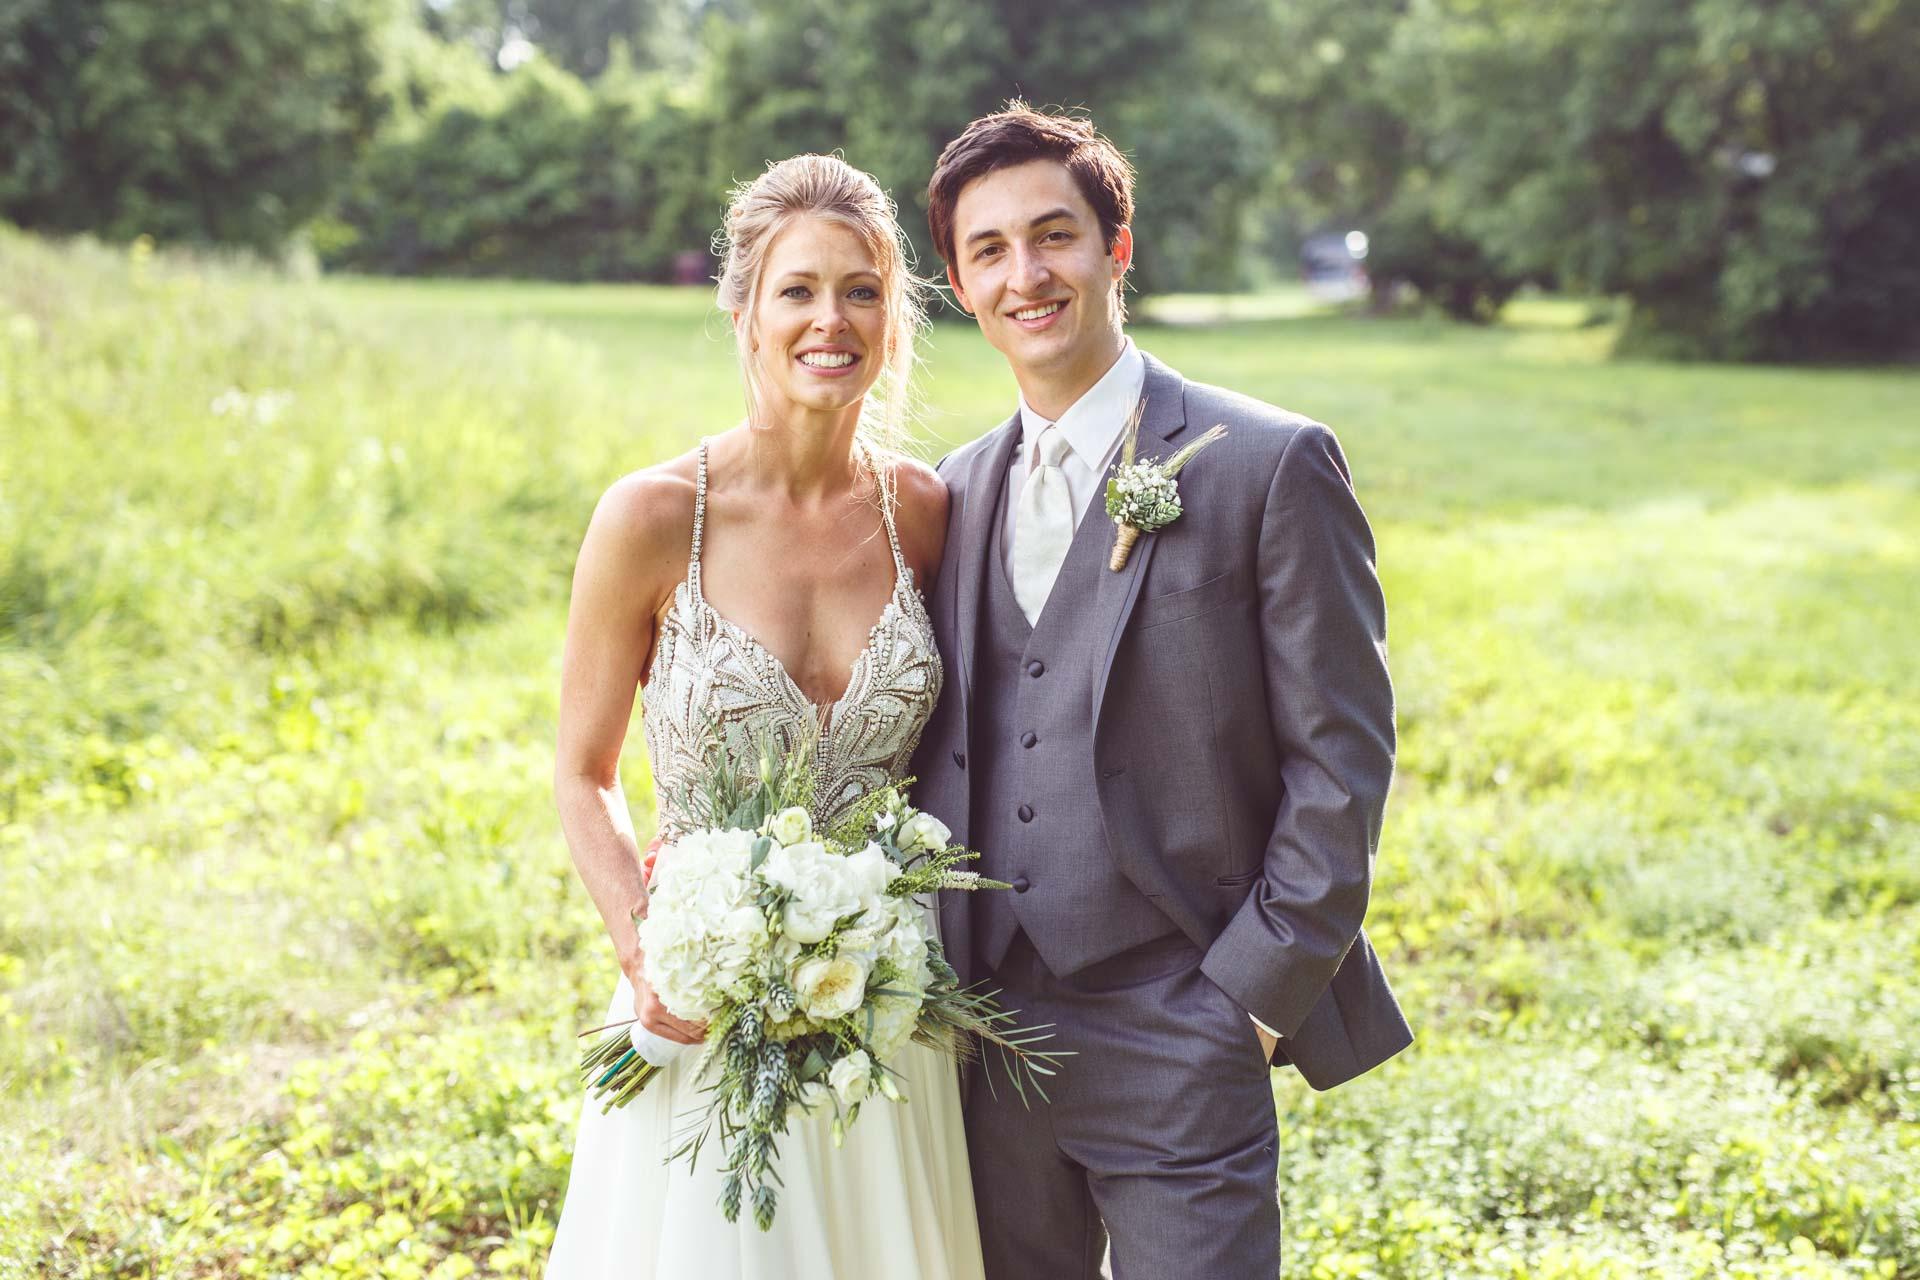 Farmington-Gardens-Wedding-Photos (44 of 66).jpg